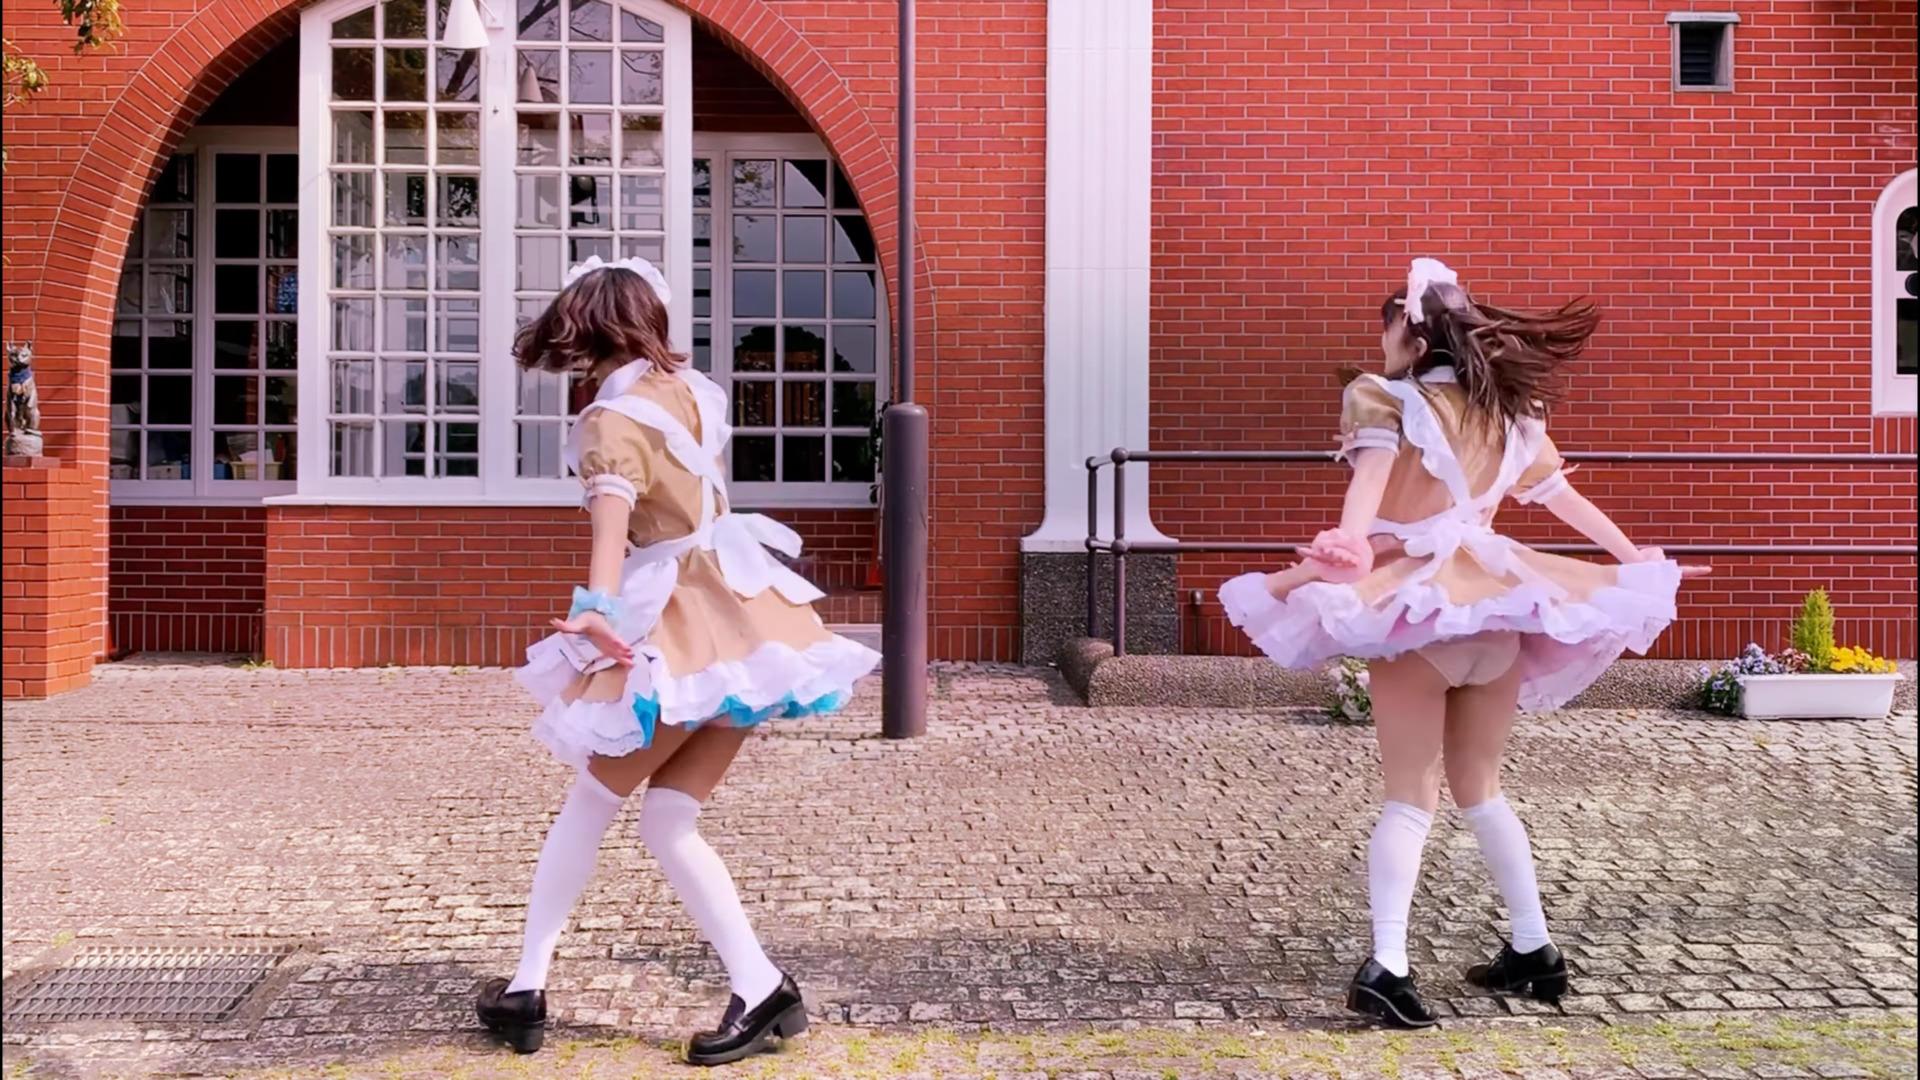 【七海ミーナ×青波さえ】あいこめ♡フォーエバー 【踊ってみた】 03:07-001